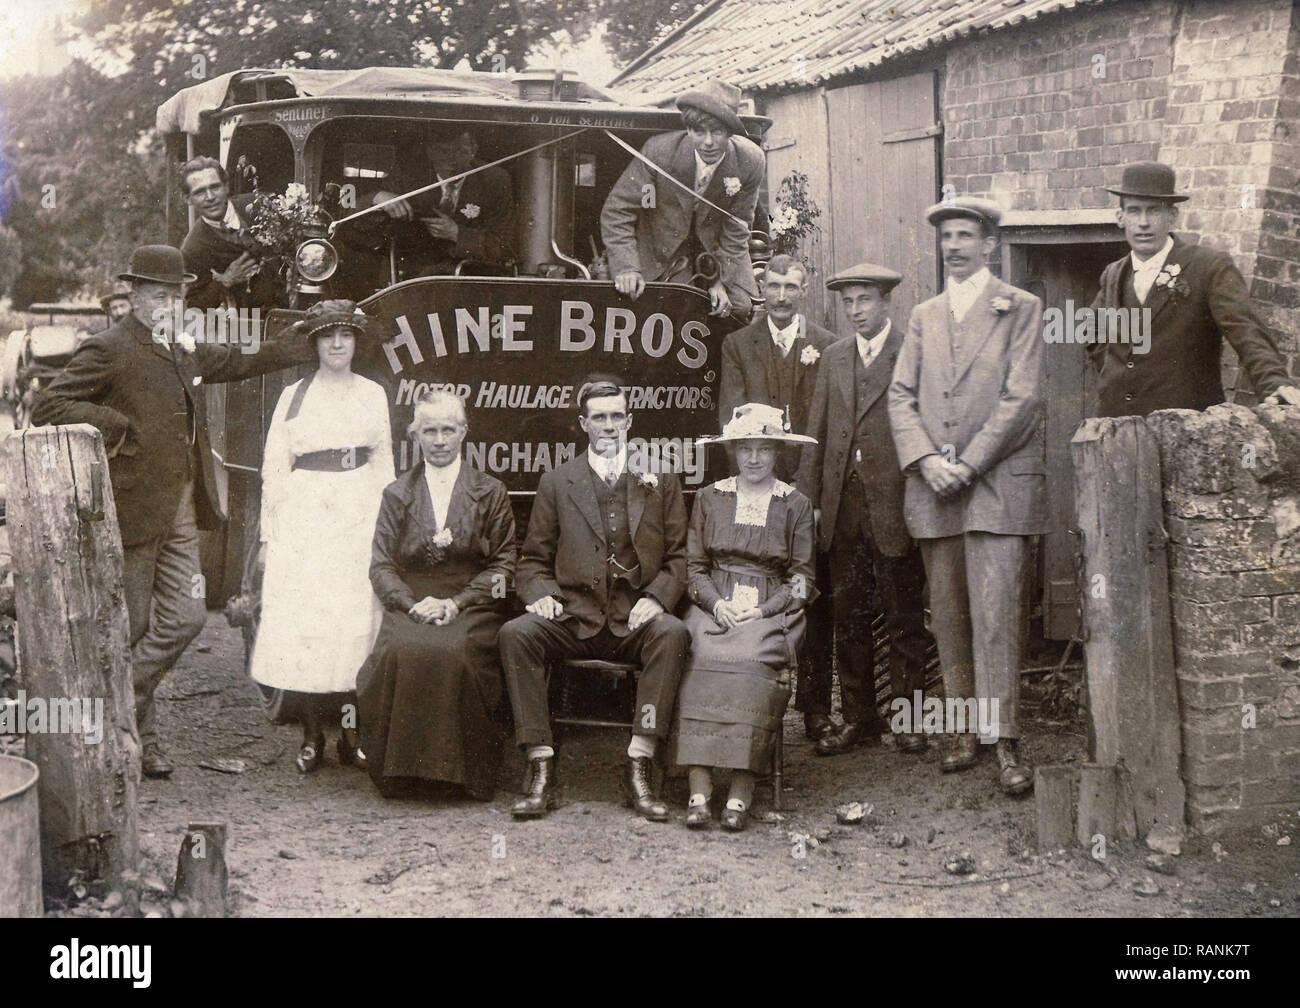 Imagen del archivo histórico de la boda posando con Sentinel 6 toneladas de vagones de vapor. Vagón pertenecientes a Hine Bros de Gillingham, Dorset Imagen De Stock